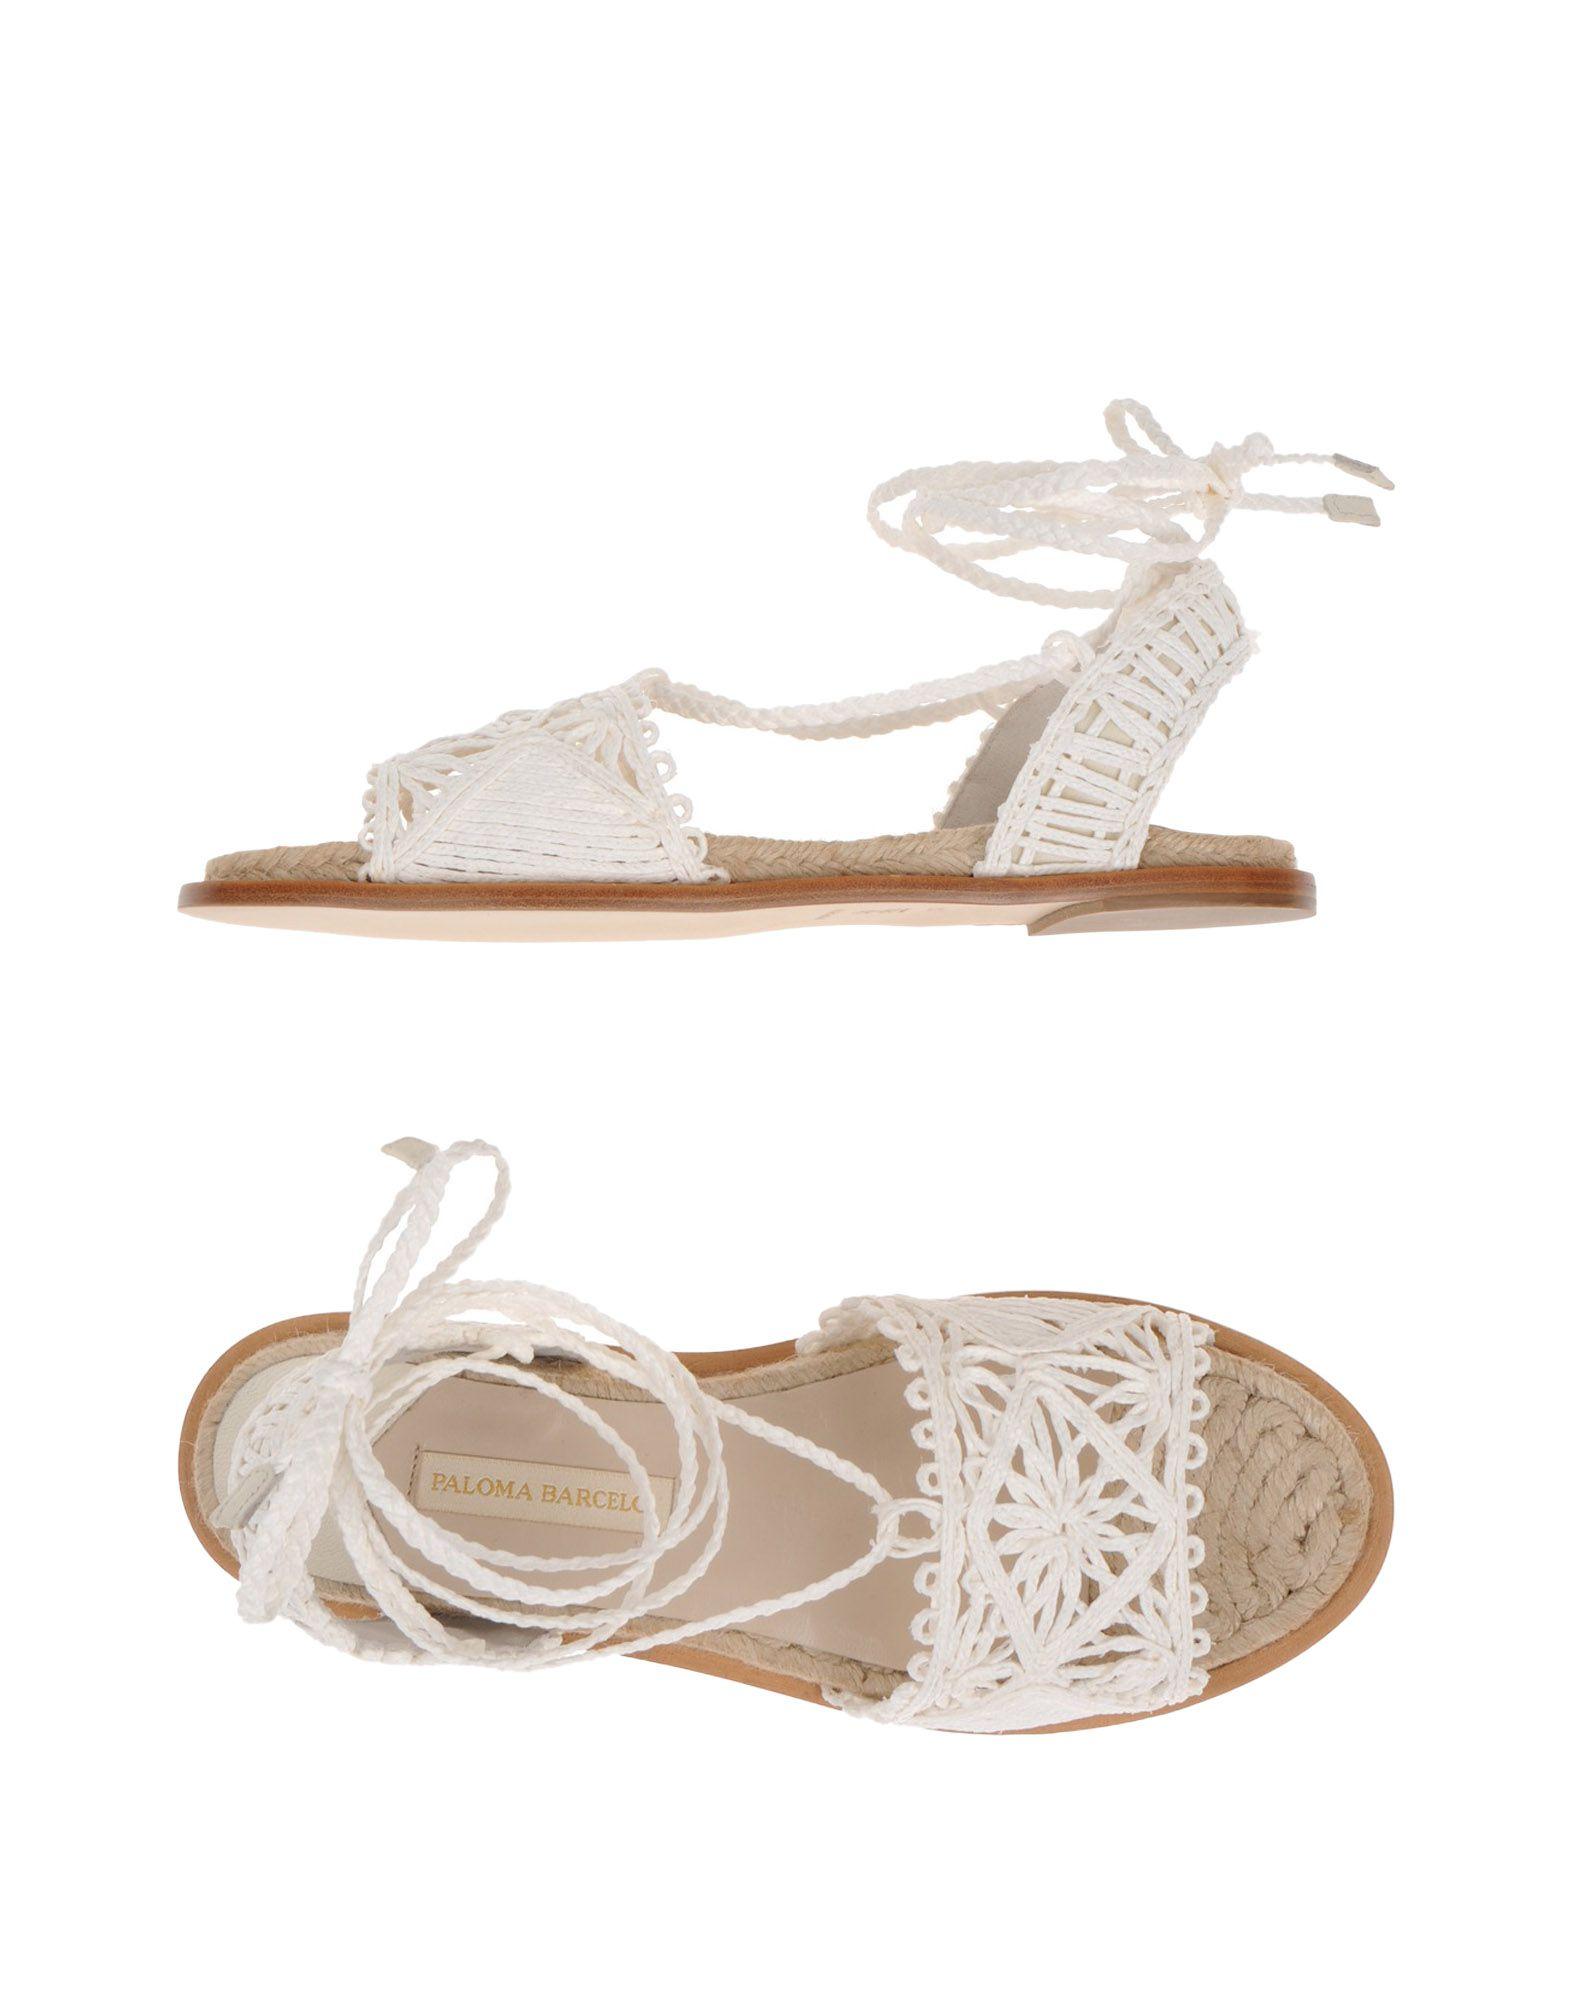 Paloma Barceló Sandalen Qualität Damen  11333264FT Gute Qualität Sandalen beliebte Schuhe 9d5981